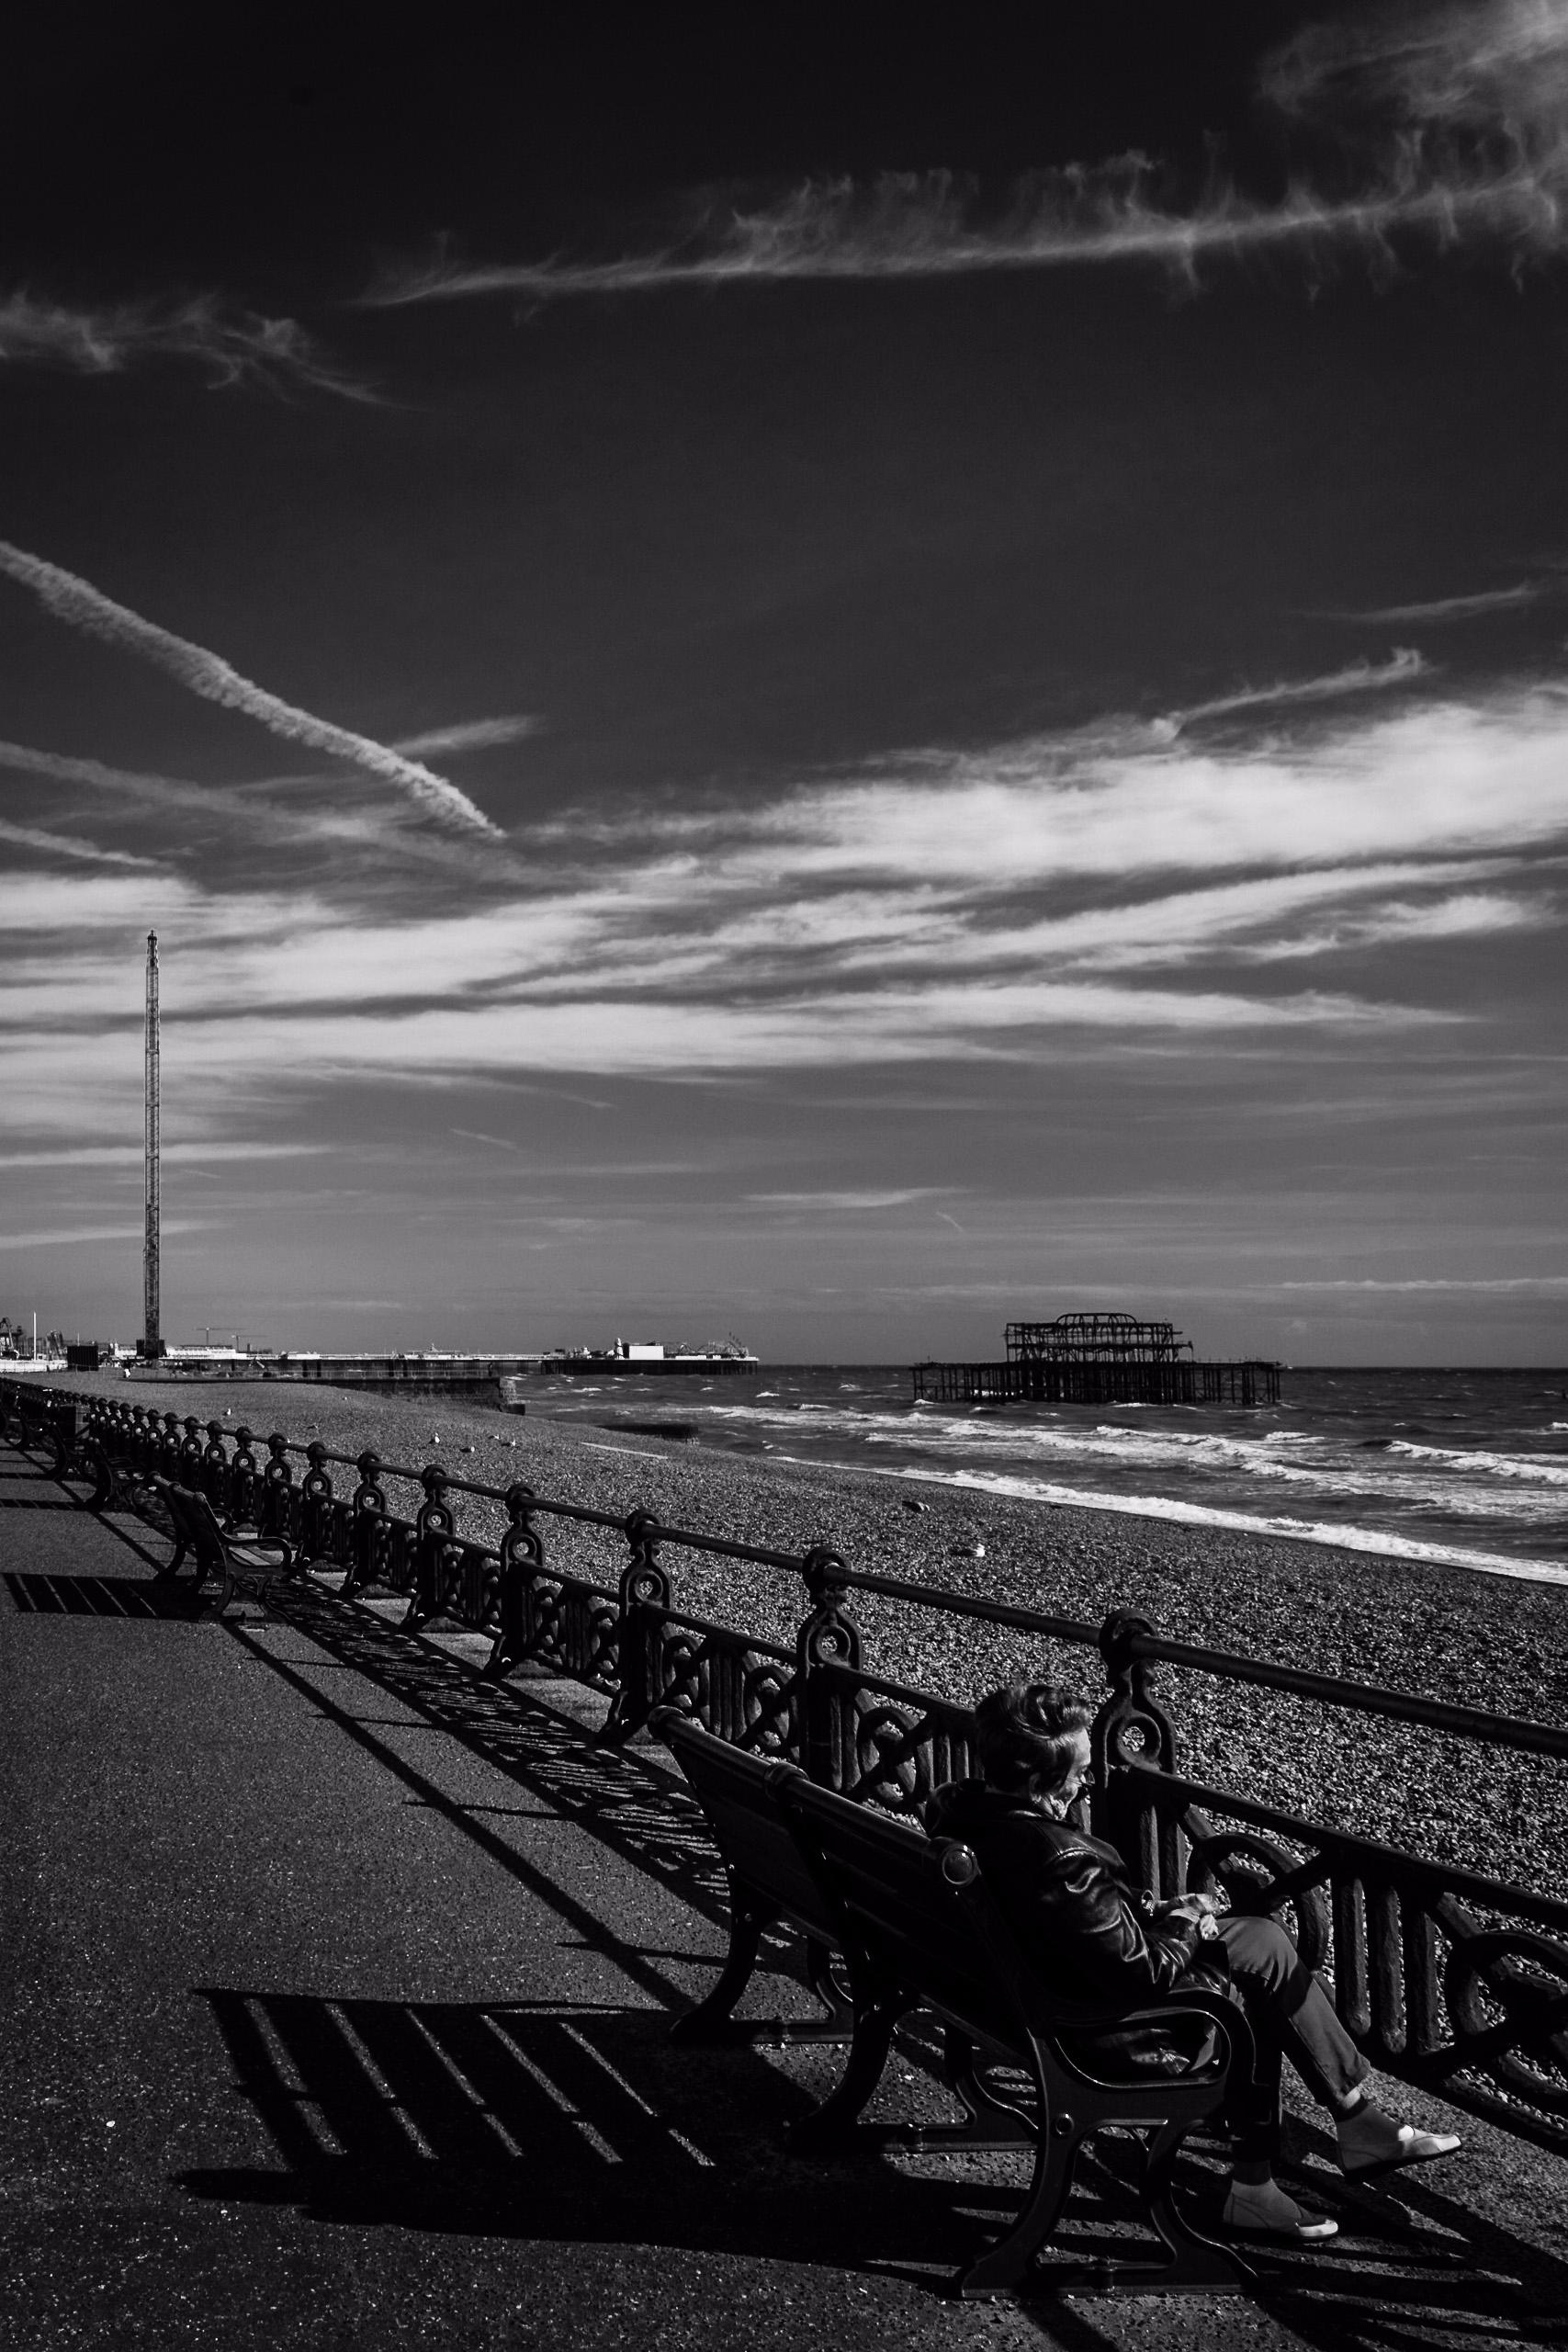 Beach | Brighton UK - fabianodu | ello